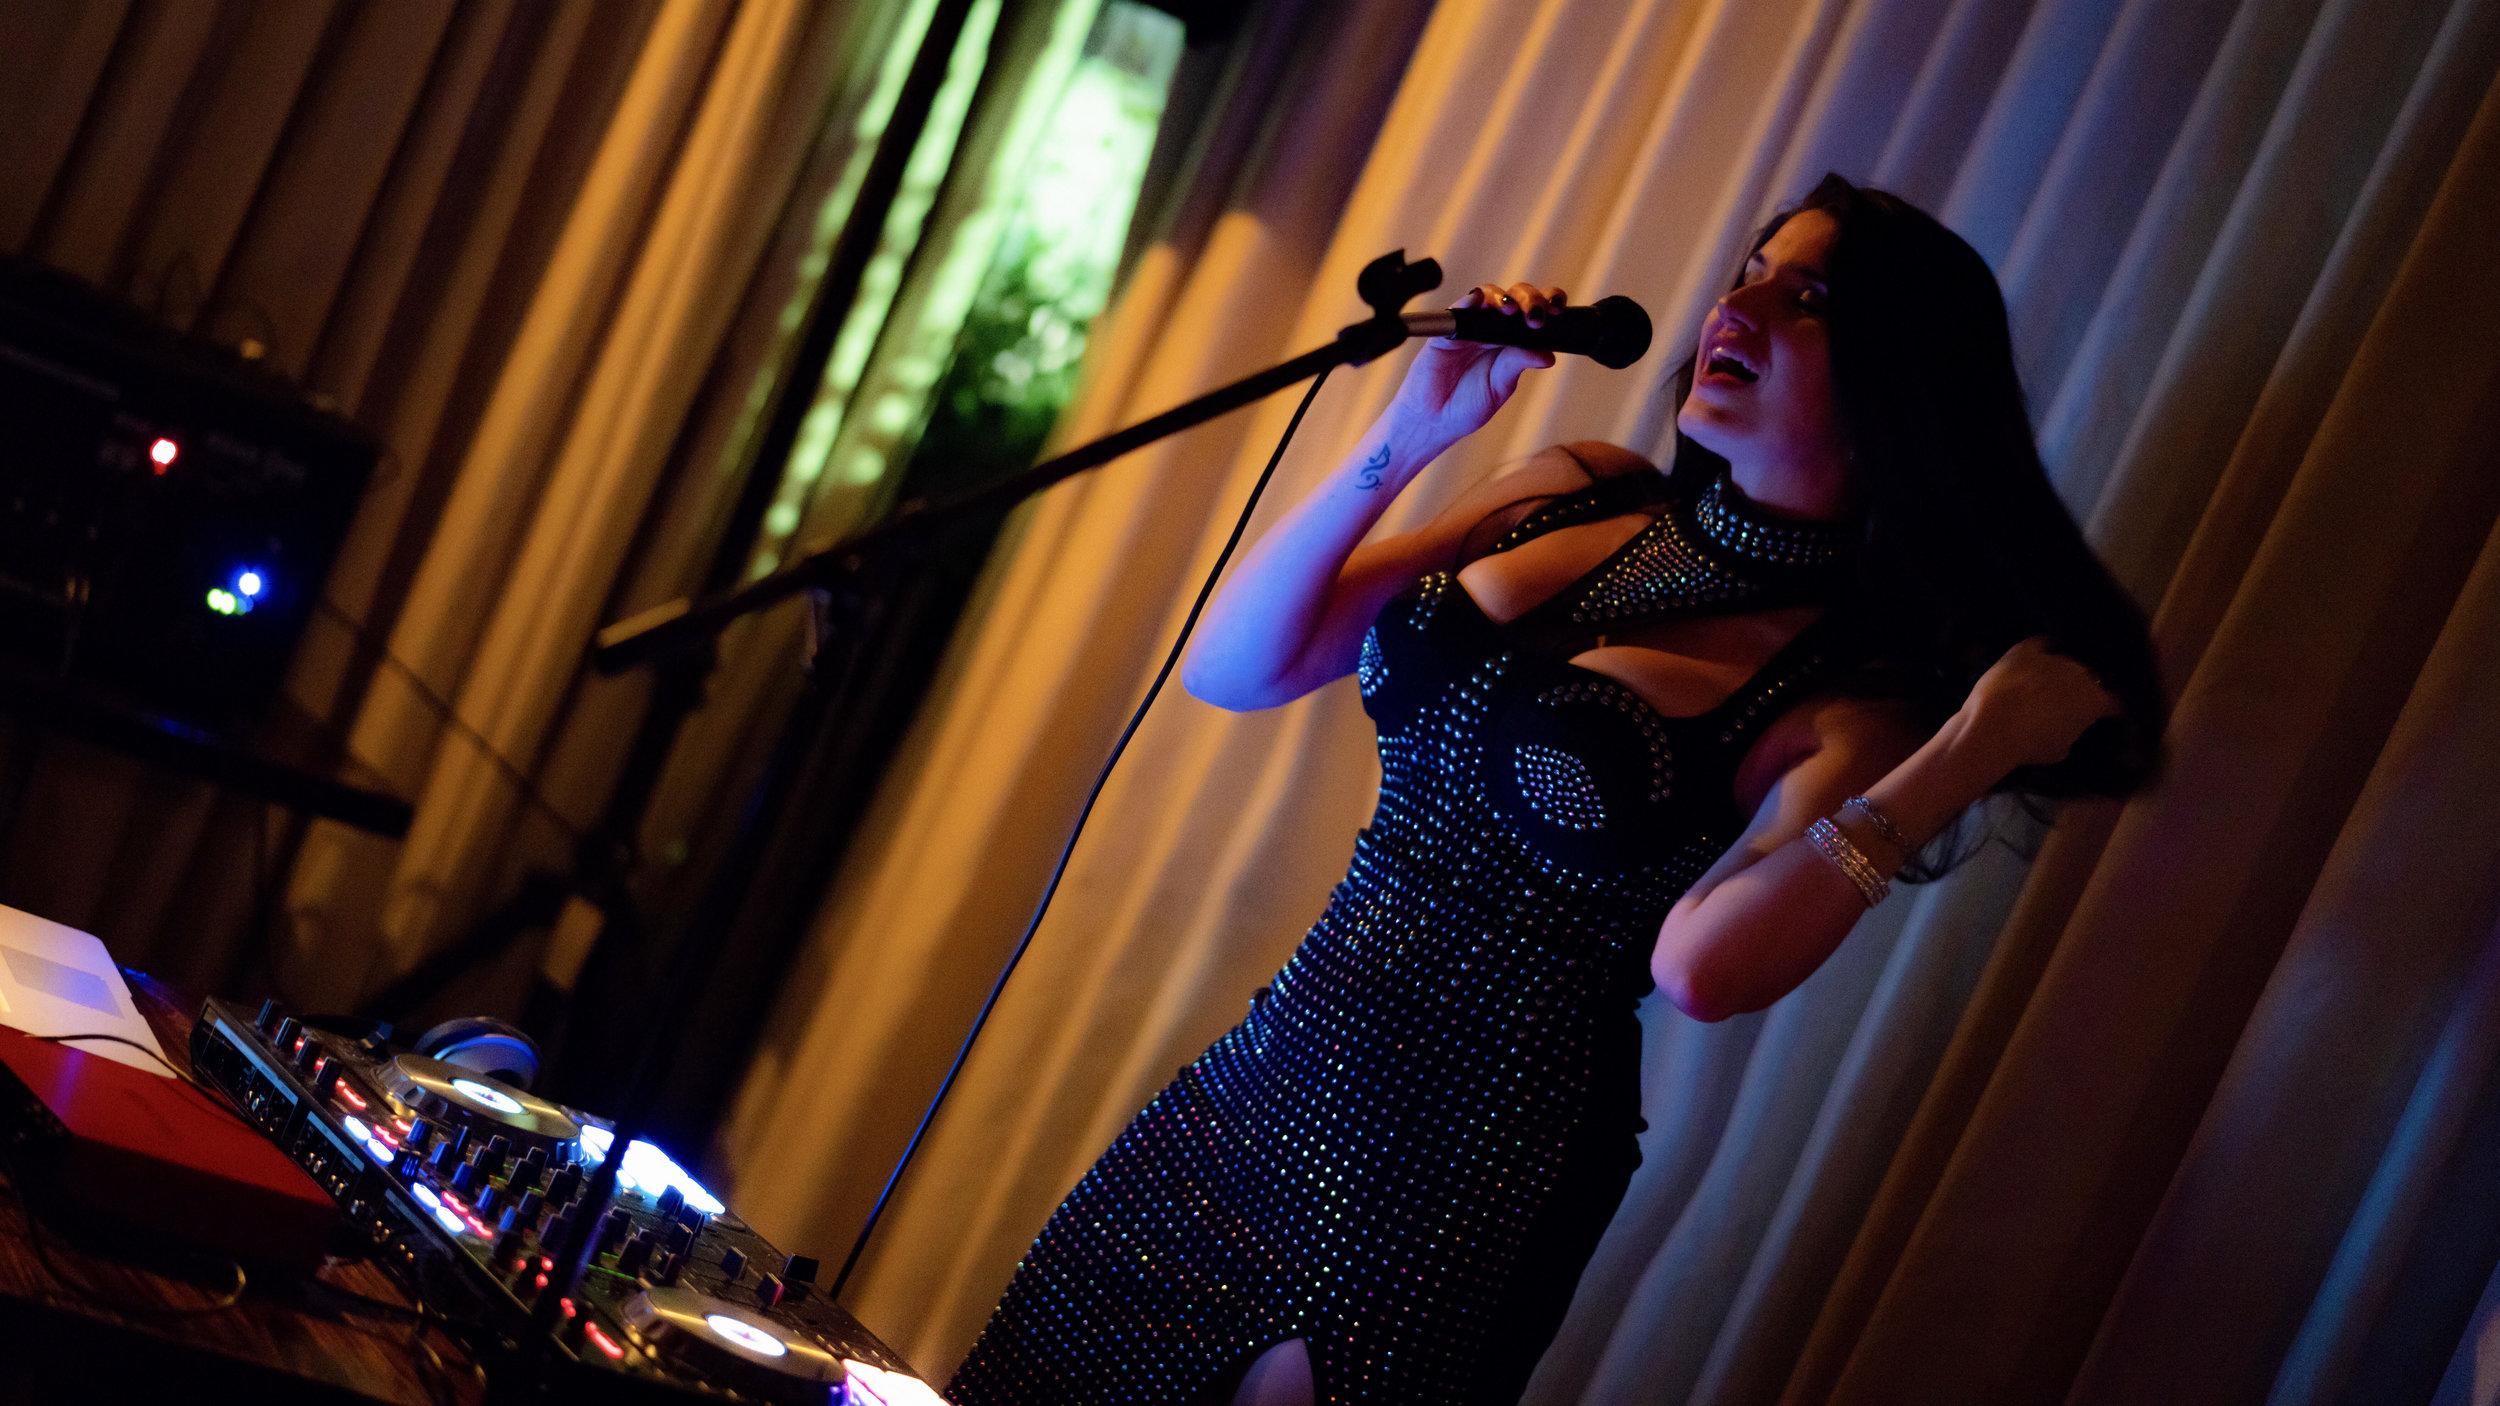 Ara performing